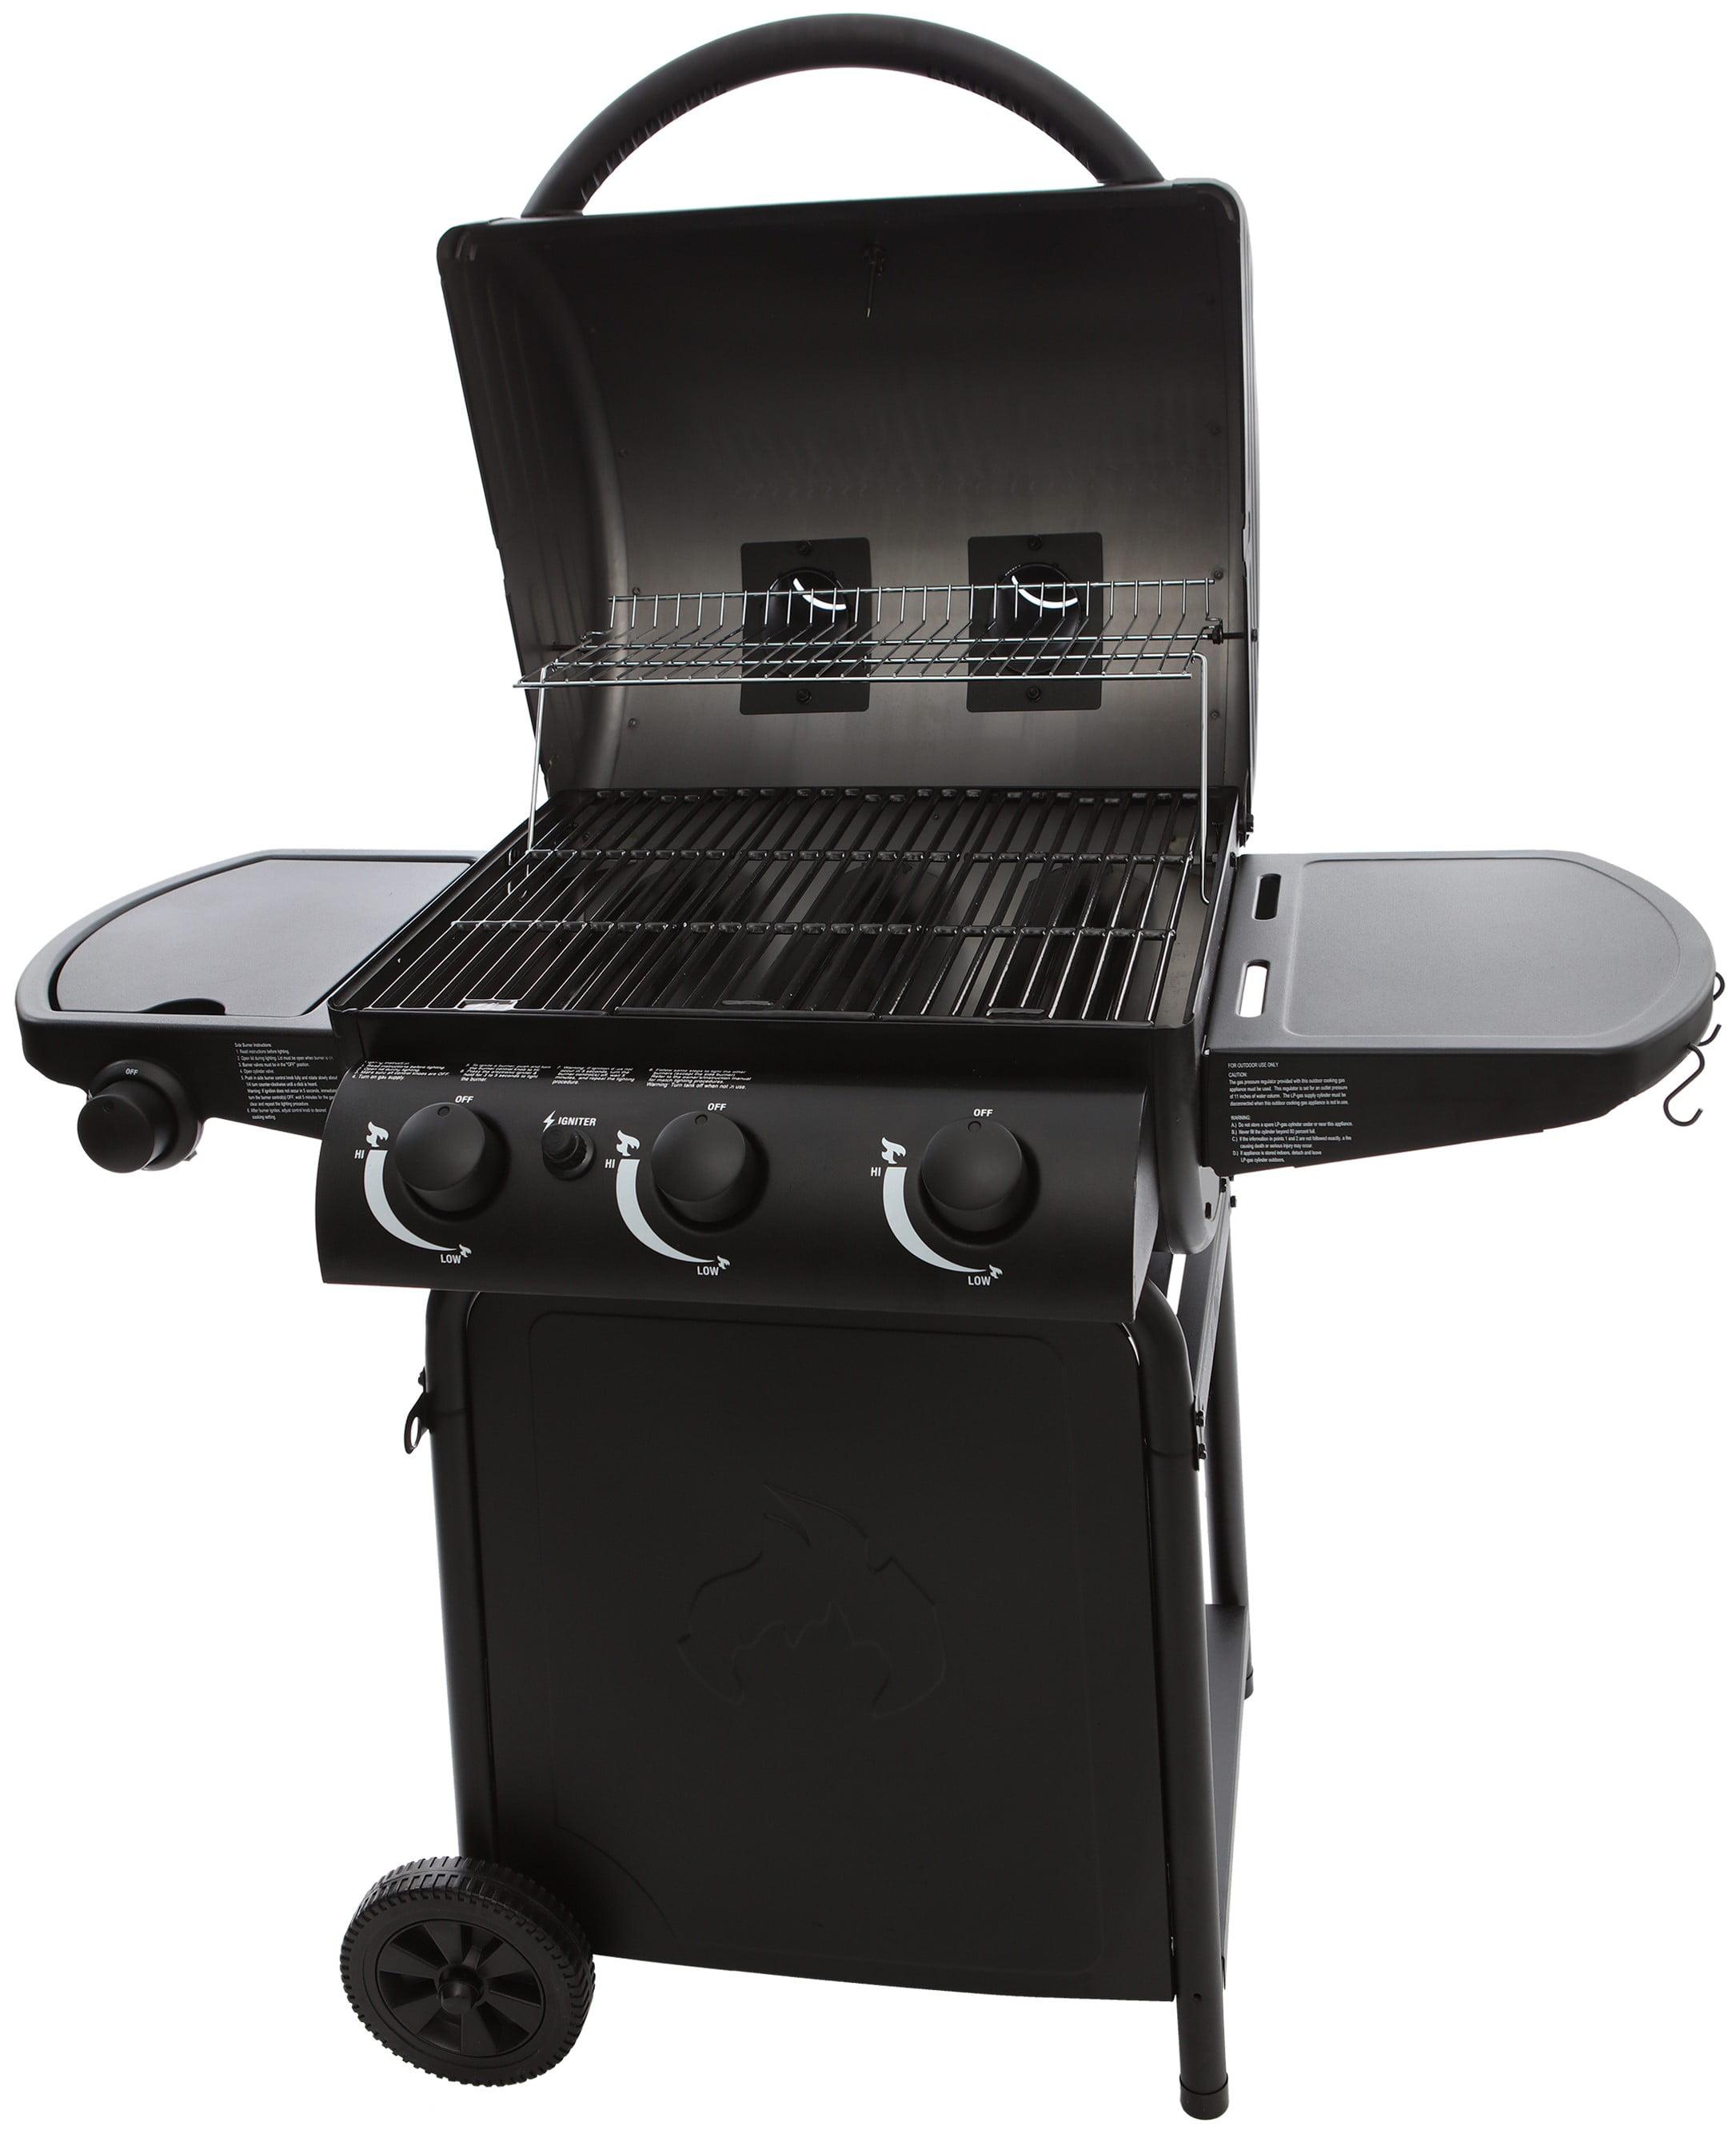 Ertone Gaskocher Campingkocher Gasgrill Gas Kocher Tischgrill BBQ Grill Butan